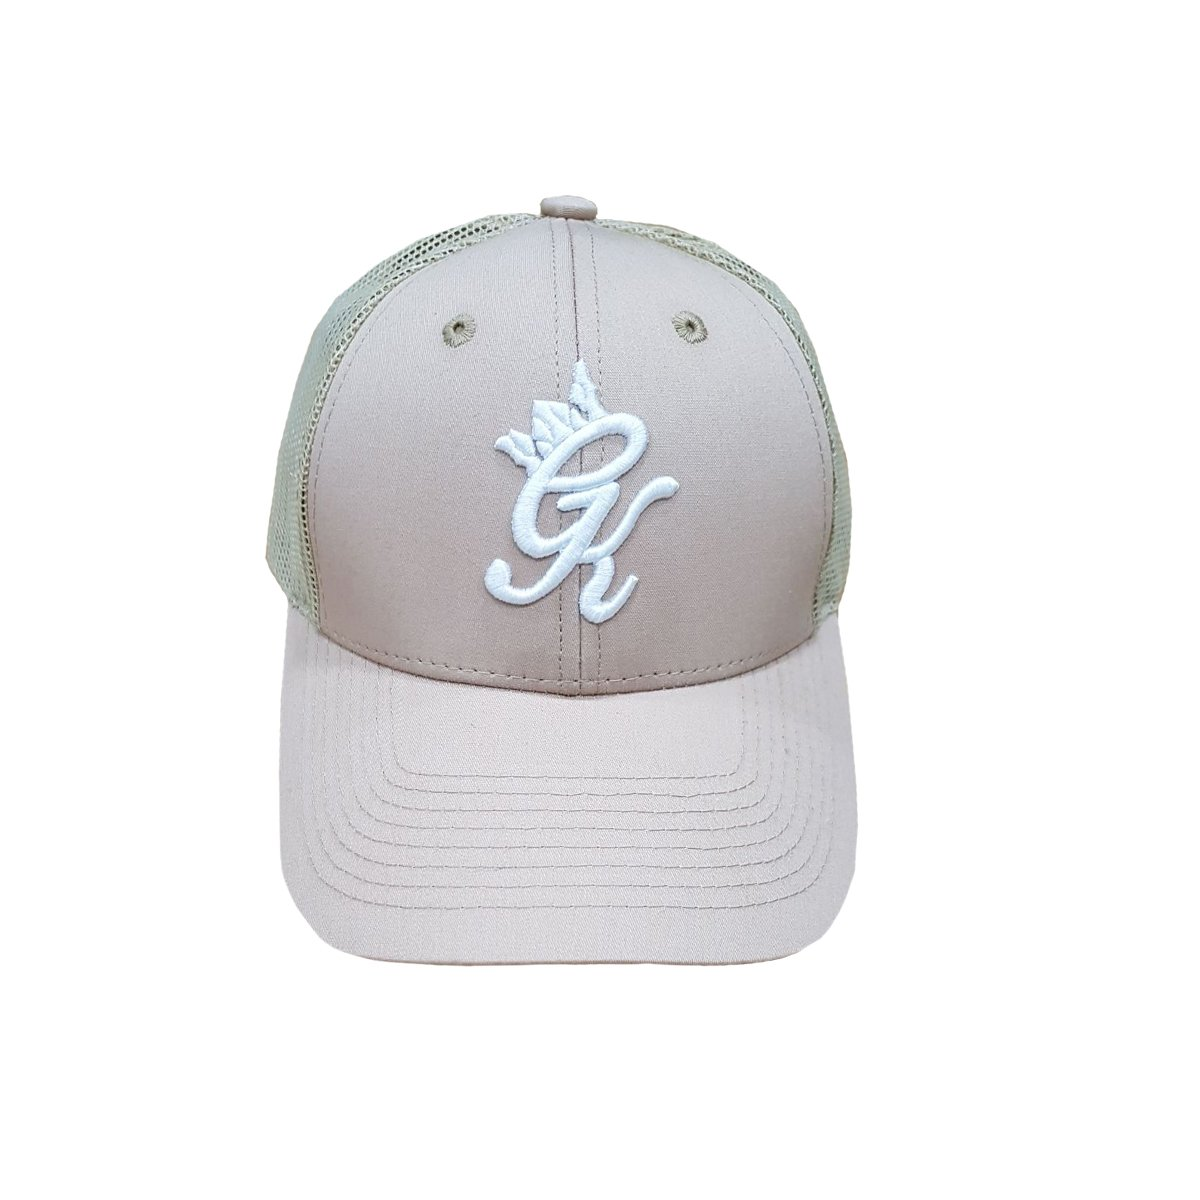 459082613eabd Gym King Men Cap - Strapback P Cap Unisex Sports Cap Original Signature GK  (Beige